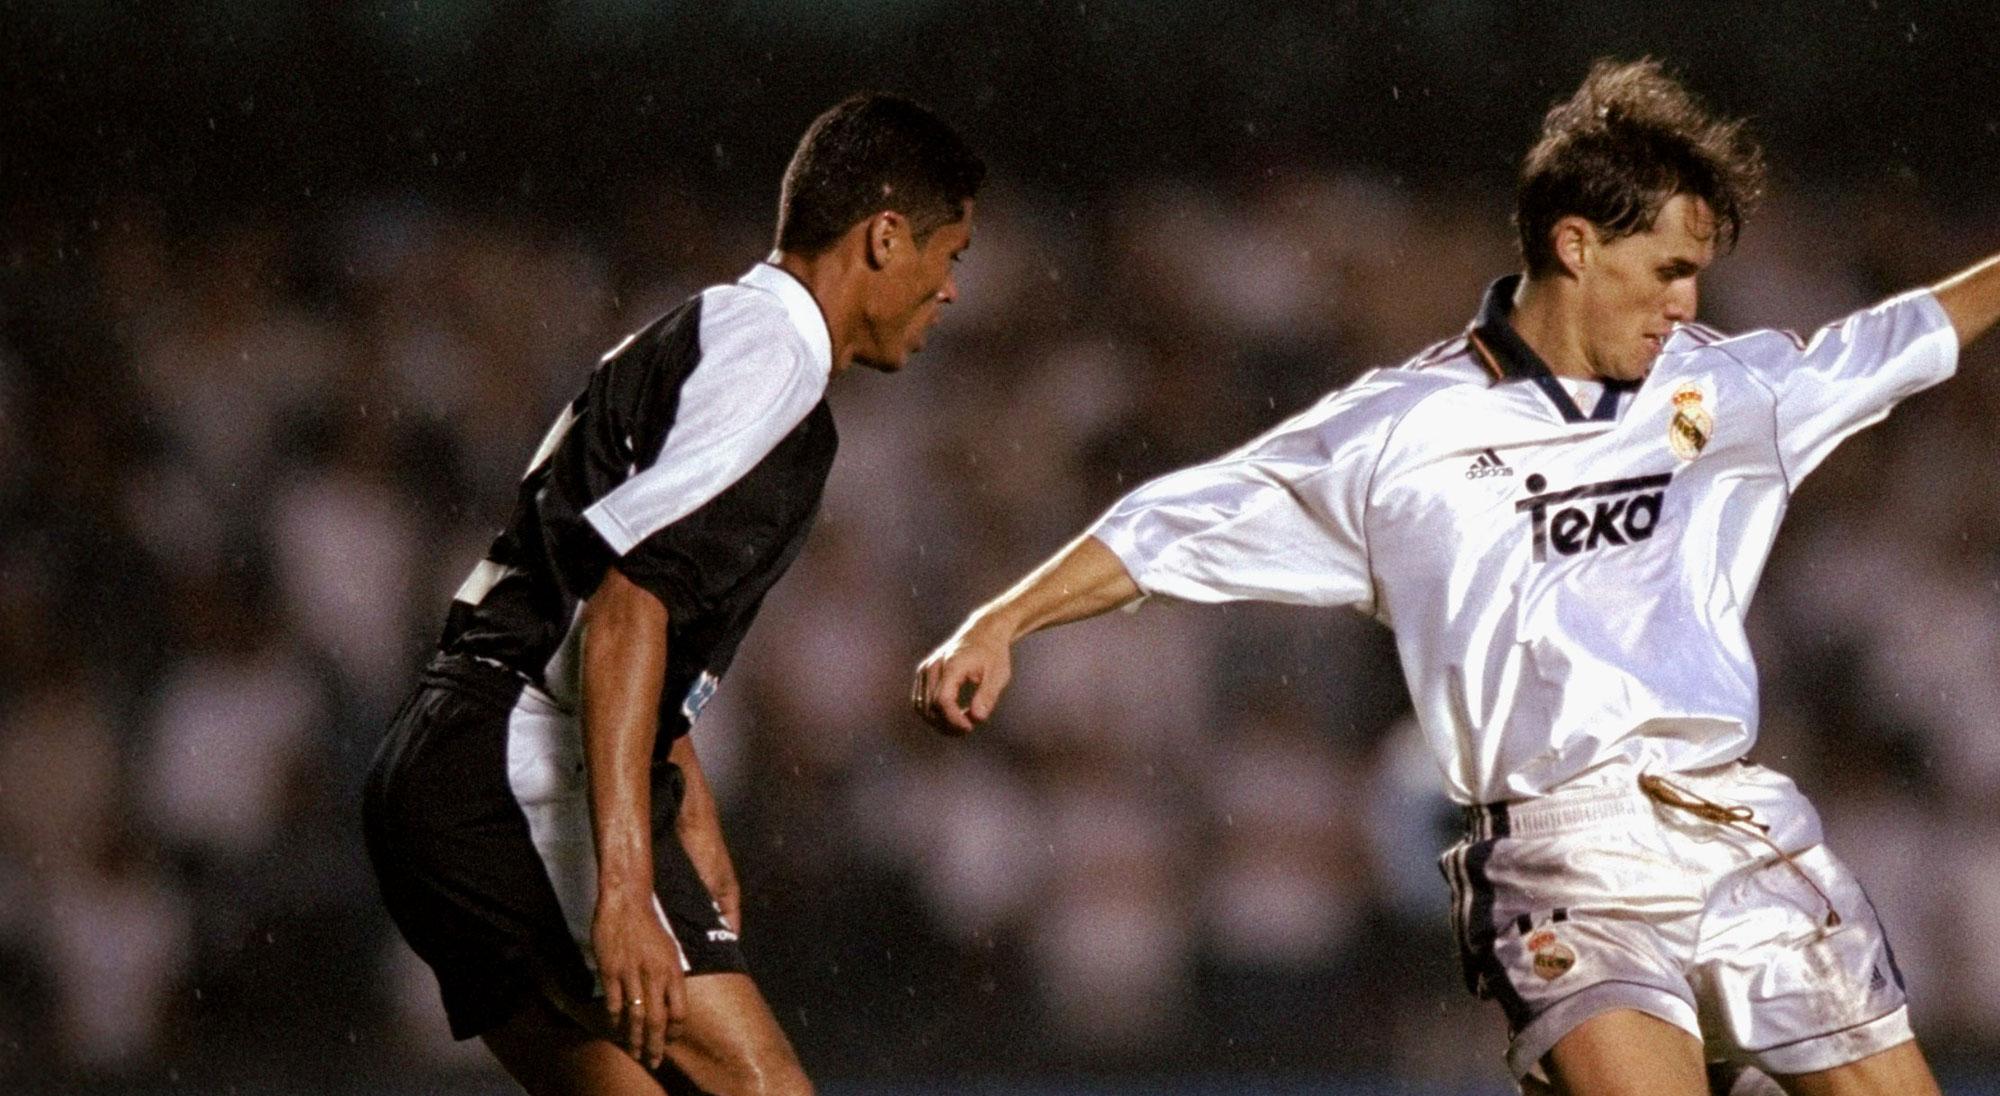 Savio en el Real Madrid - Corinthians del Mundial de Clubes 2000